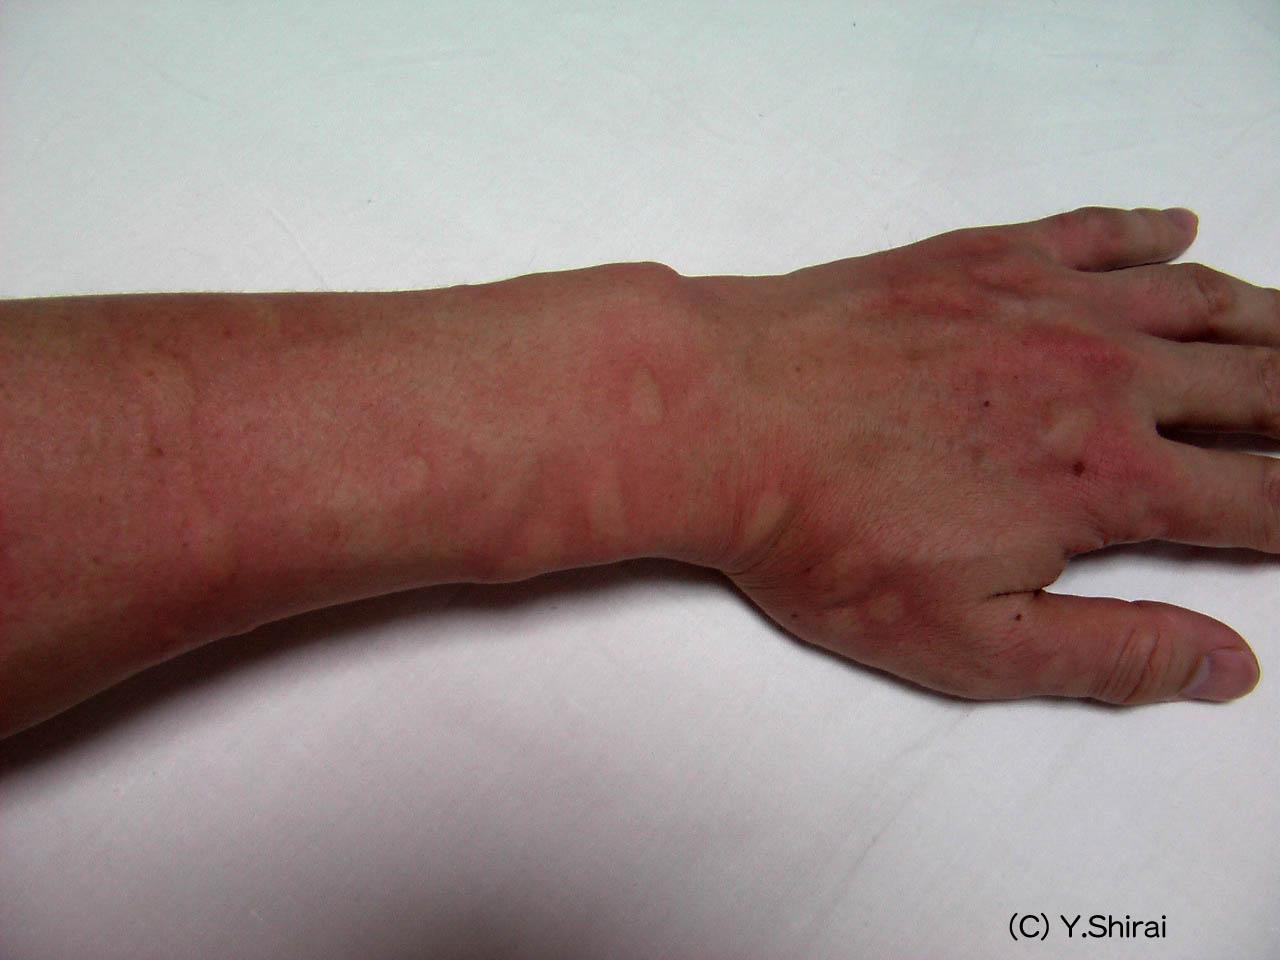 に 型 蚊 刺され やすい 血液